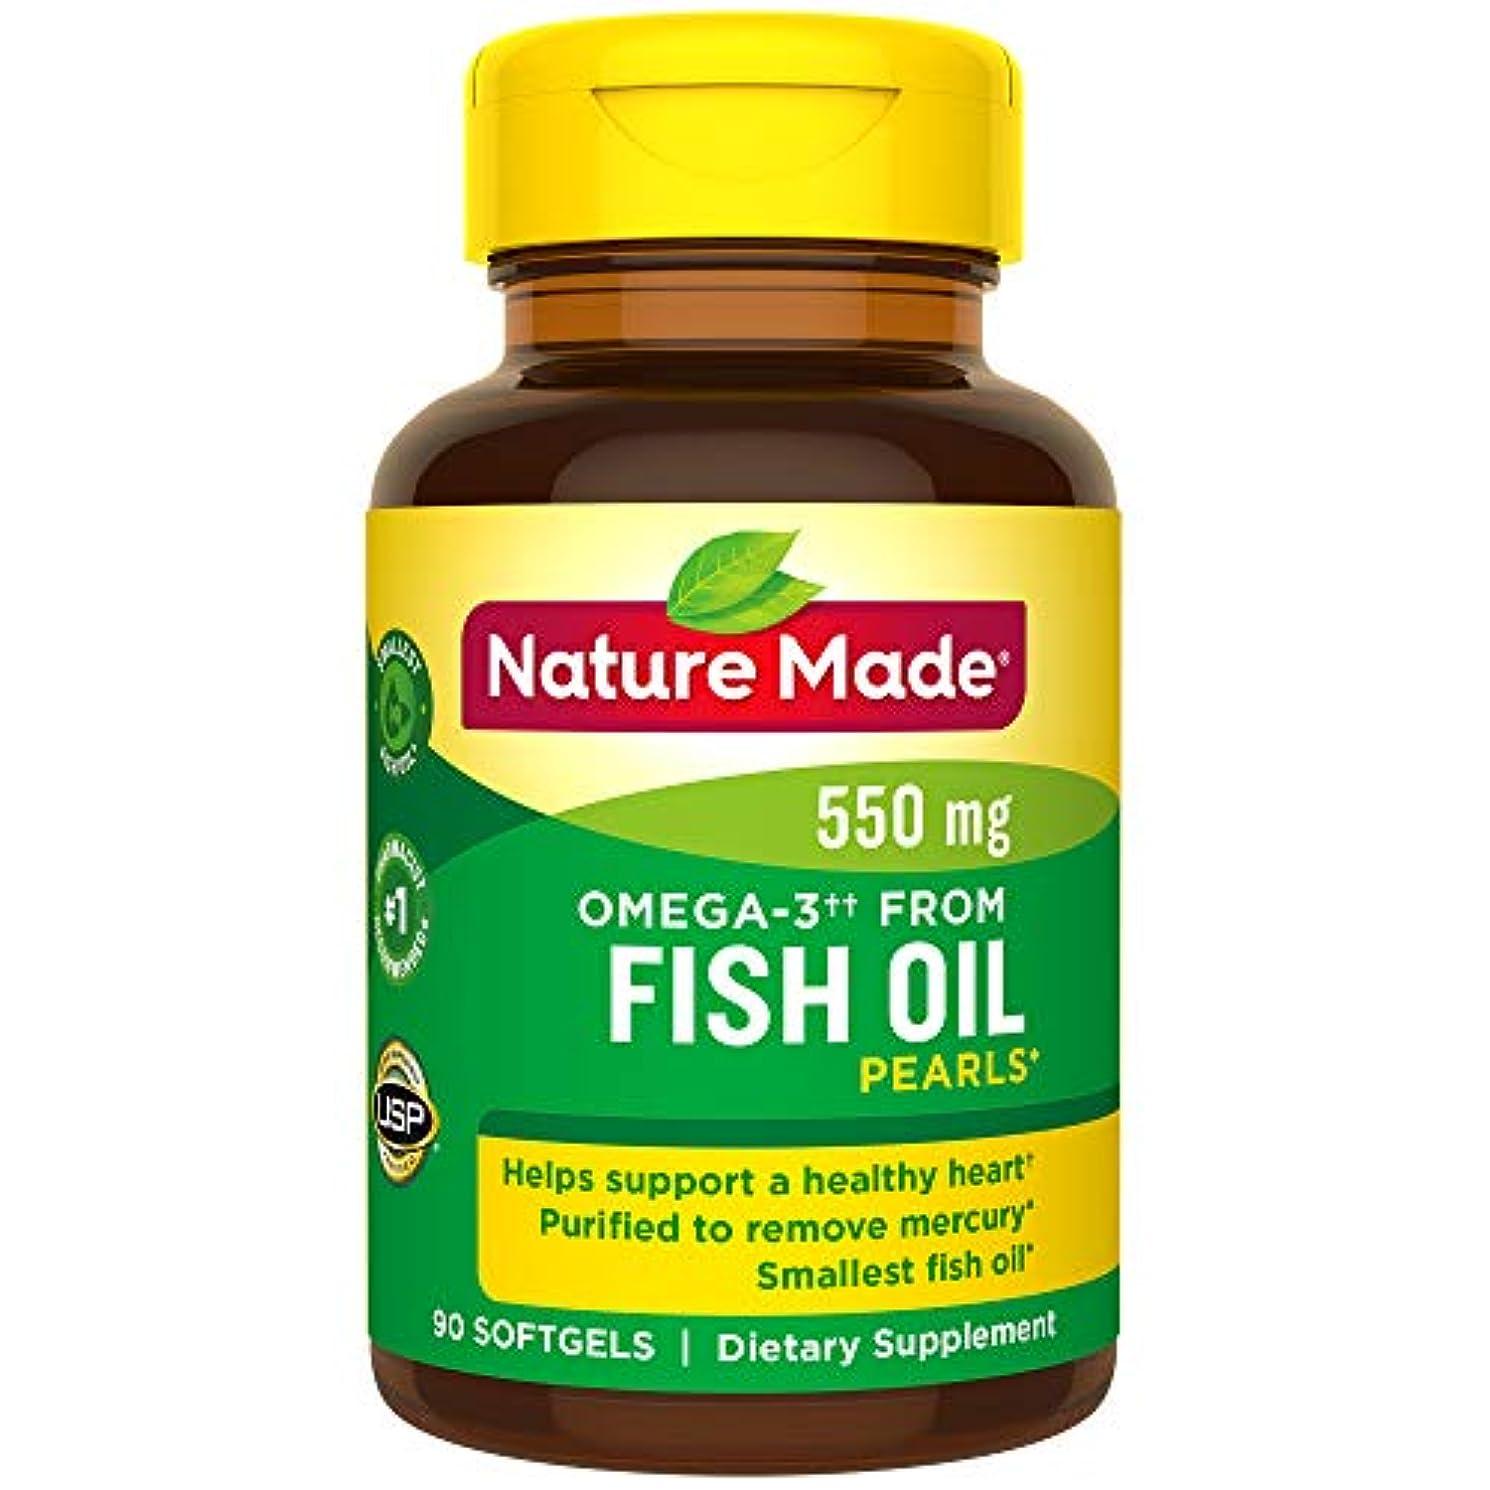 蓮疑問に思うショッキングNature Made Fish Oil Pearls 500 Mg Softgel, 90 Count 海外直送品